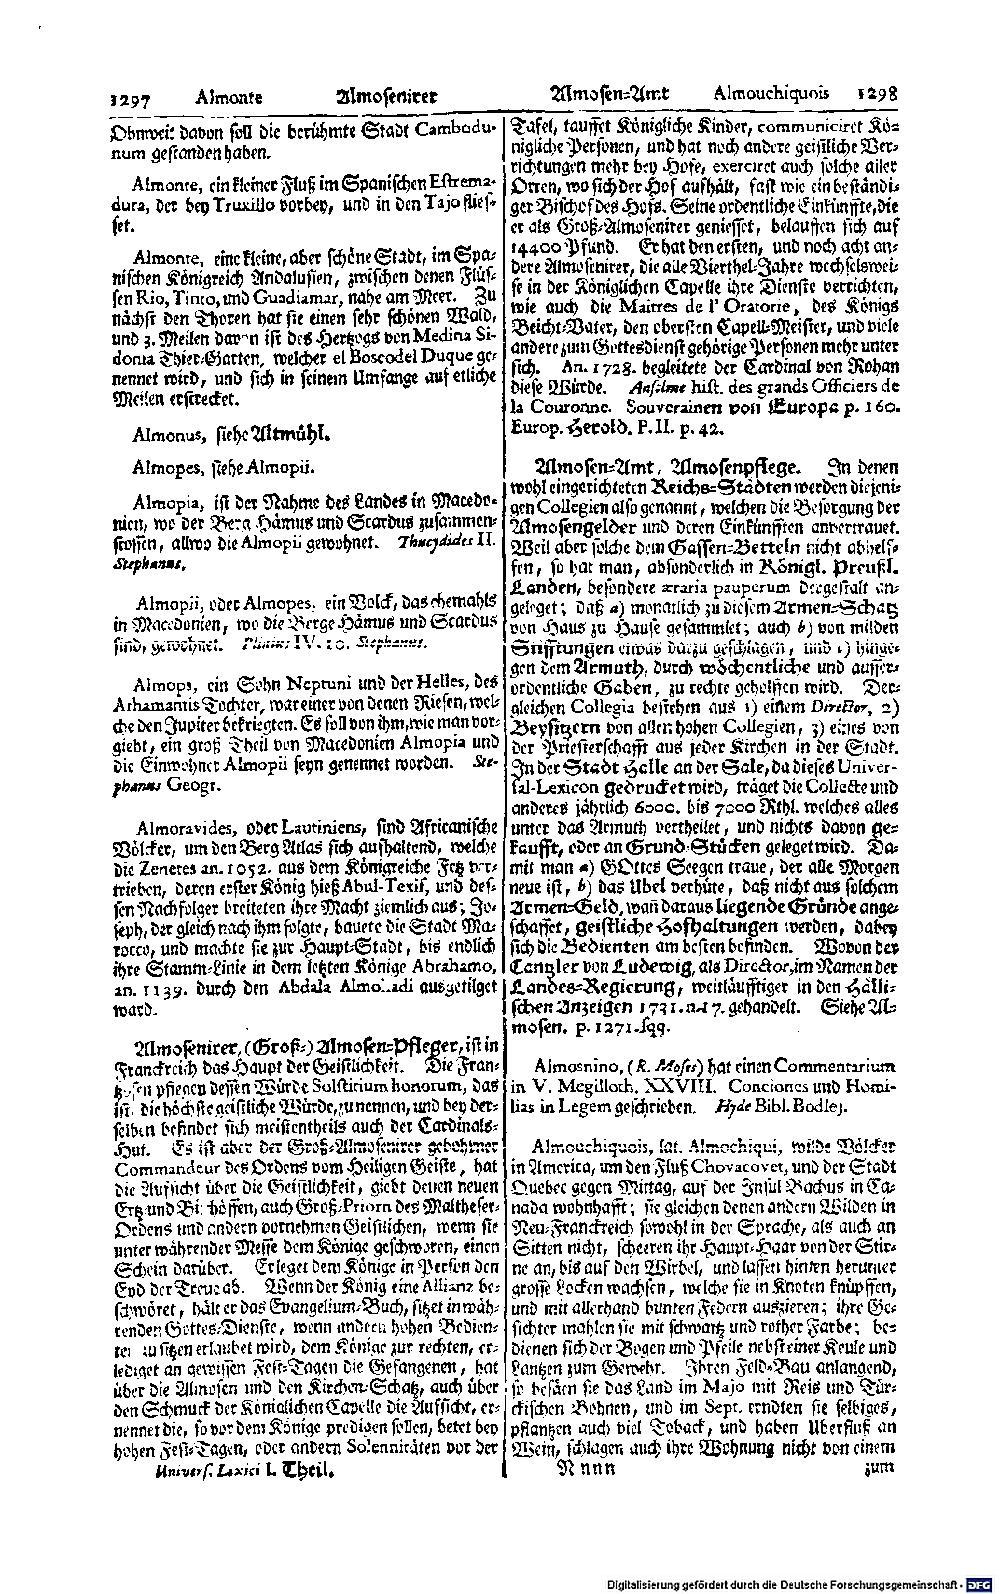 Bd. 01, Seite 0688.